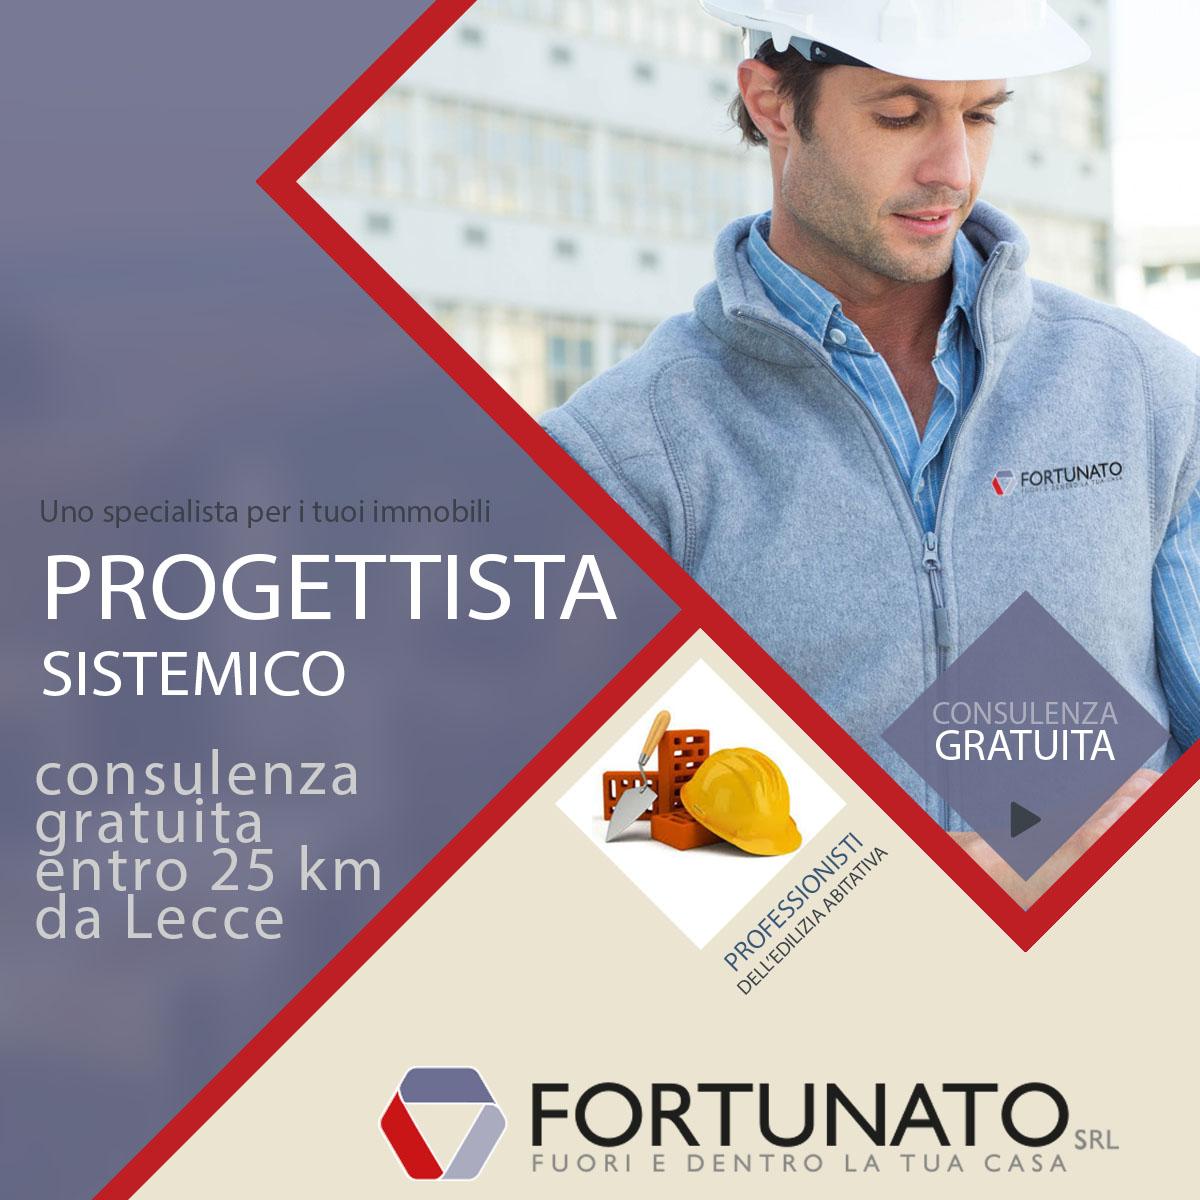 PROGETTISTA SISTEMICO LECCE FORTUNATO